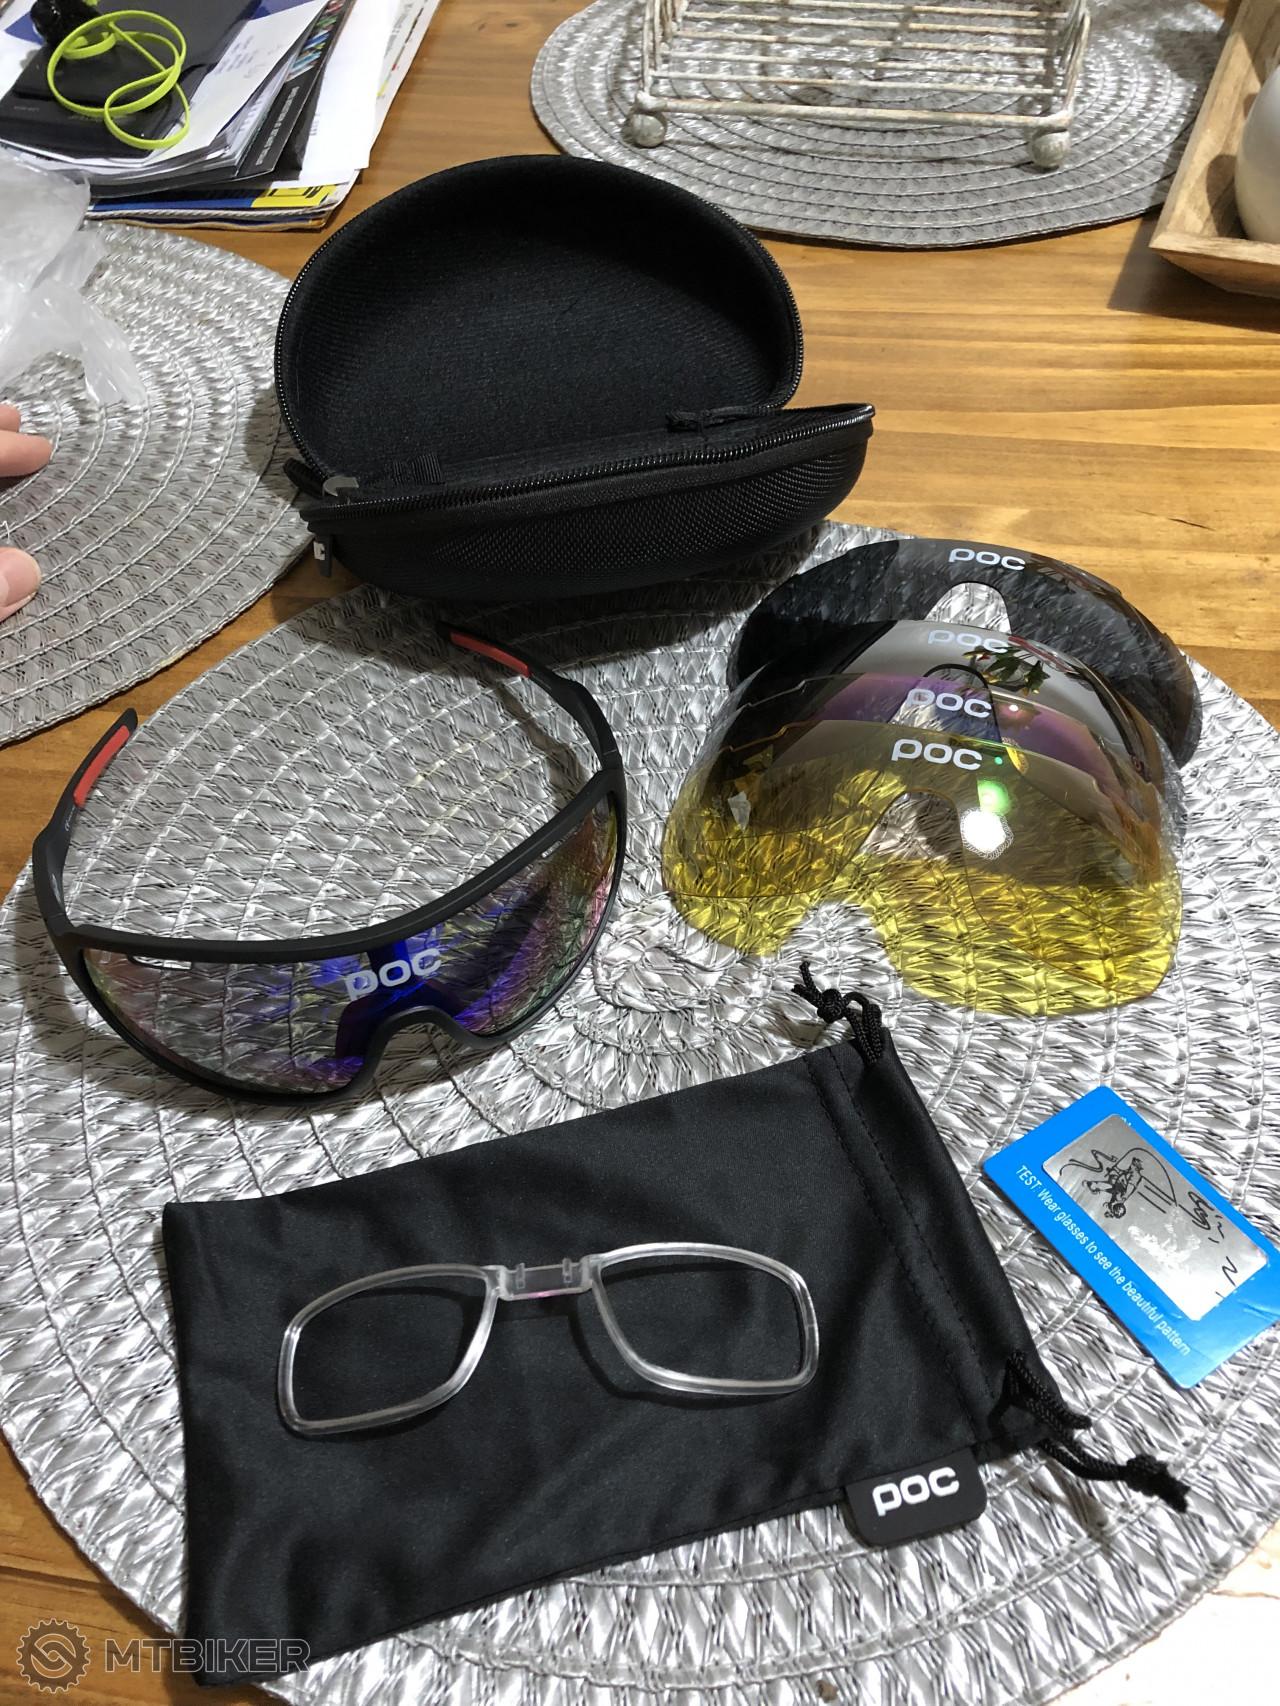 c9639b2ff Predám Okuliare Značky Poc - Príslušenstvo - Okuliare - Bazár MTBIKER